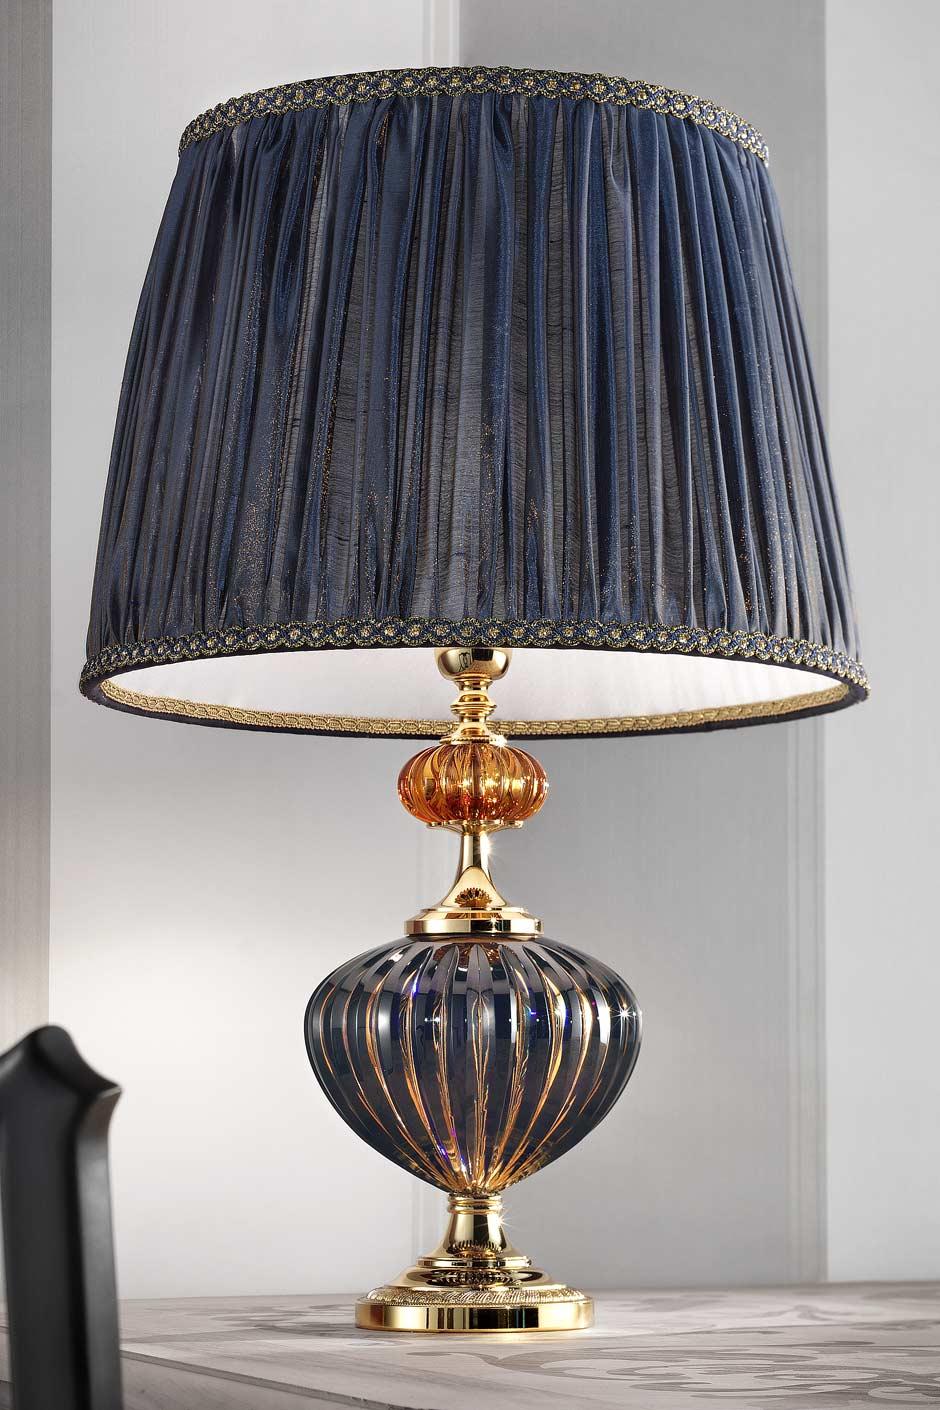 Lampe bleu foncé et doré verre Murano. Masiero.